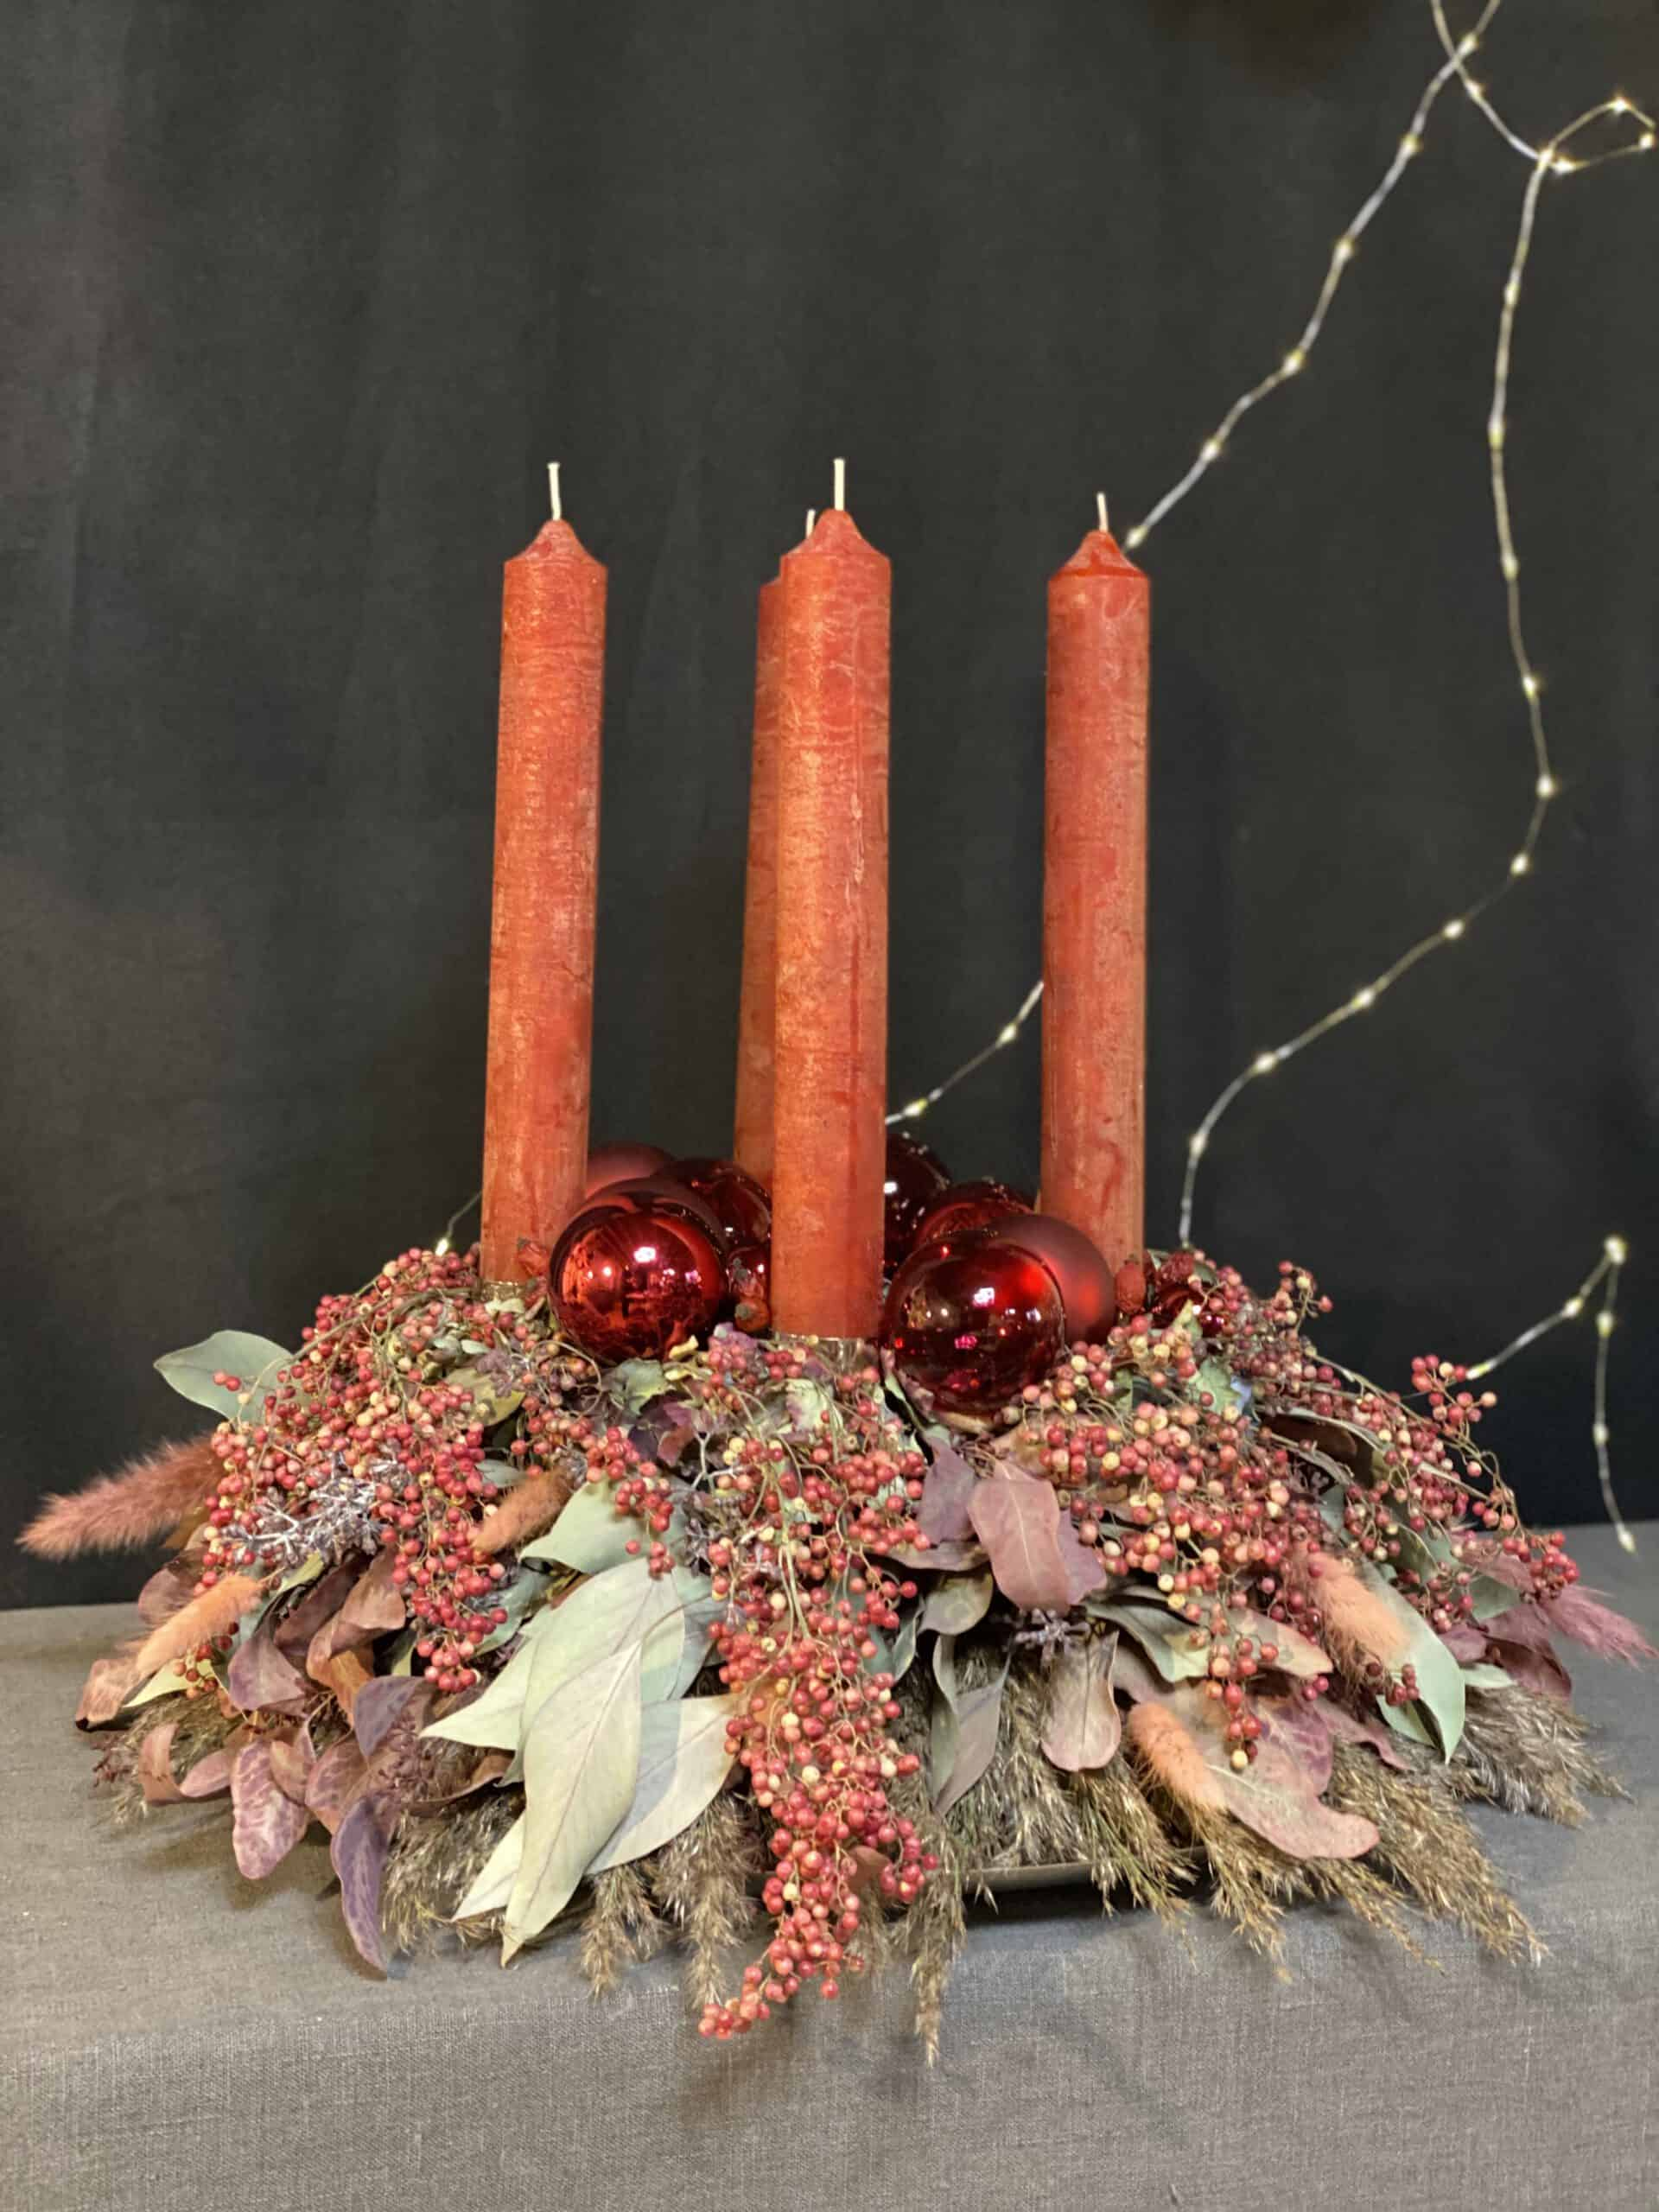 Exklusiver Adventskranz 2021 mit langen roten Kerzen und roten Pfeffer, Eukalyptus